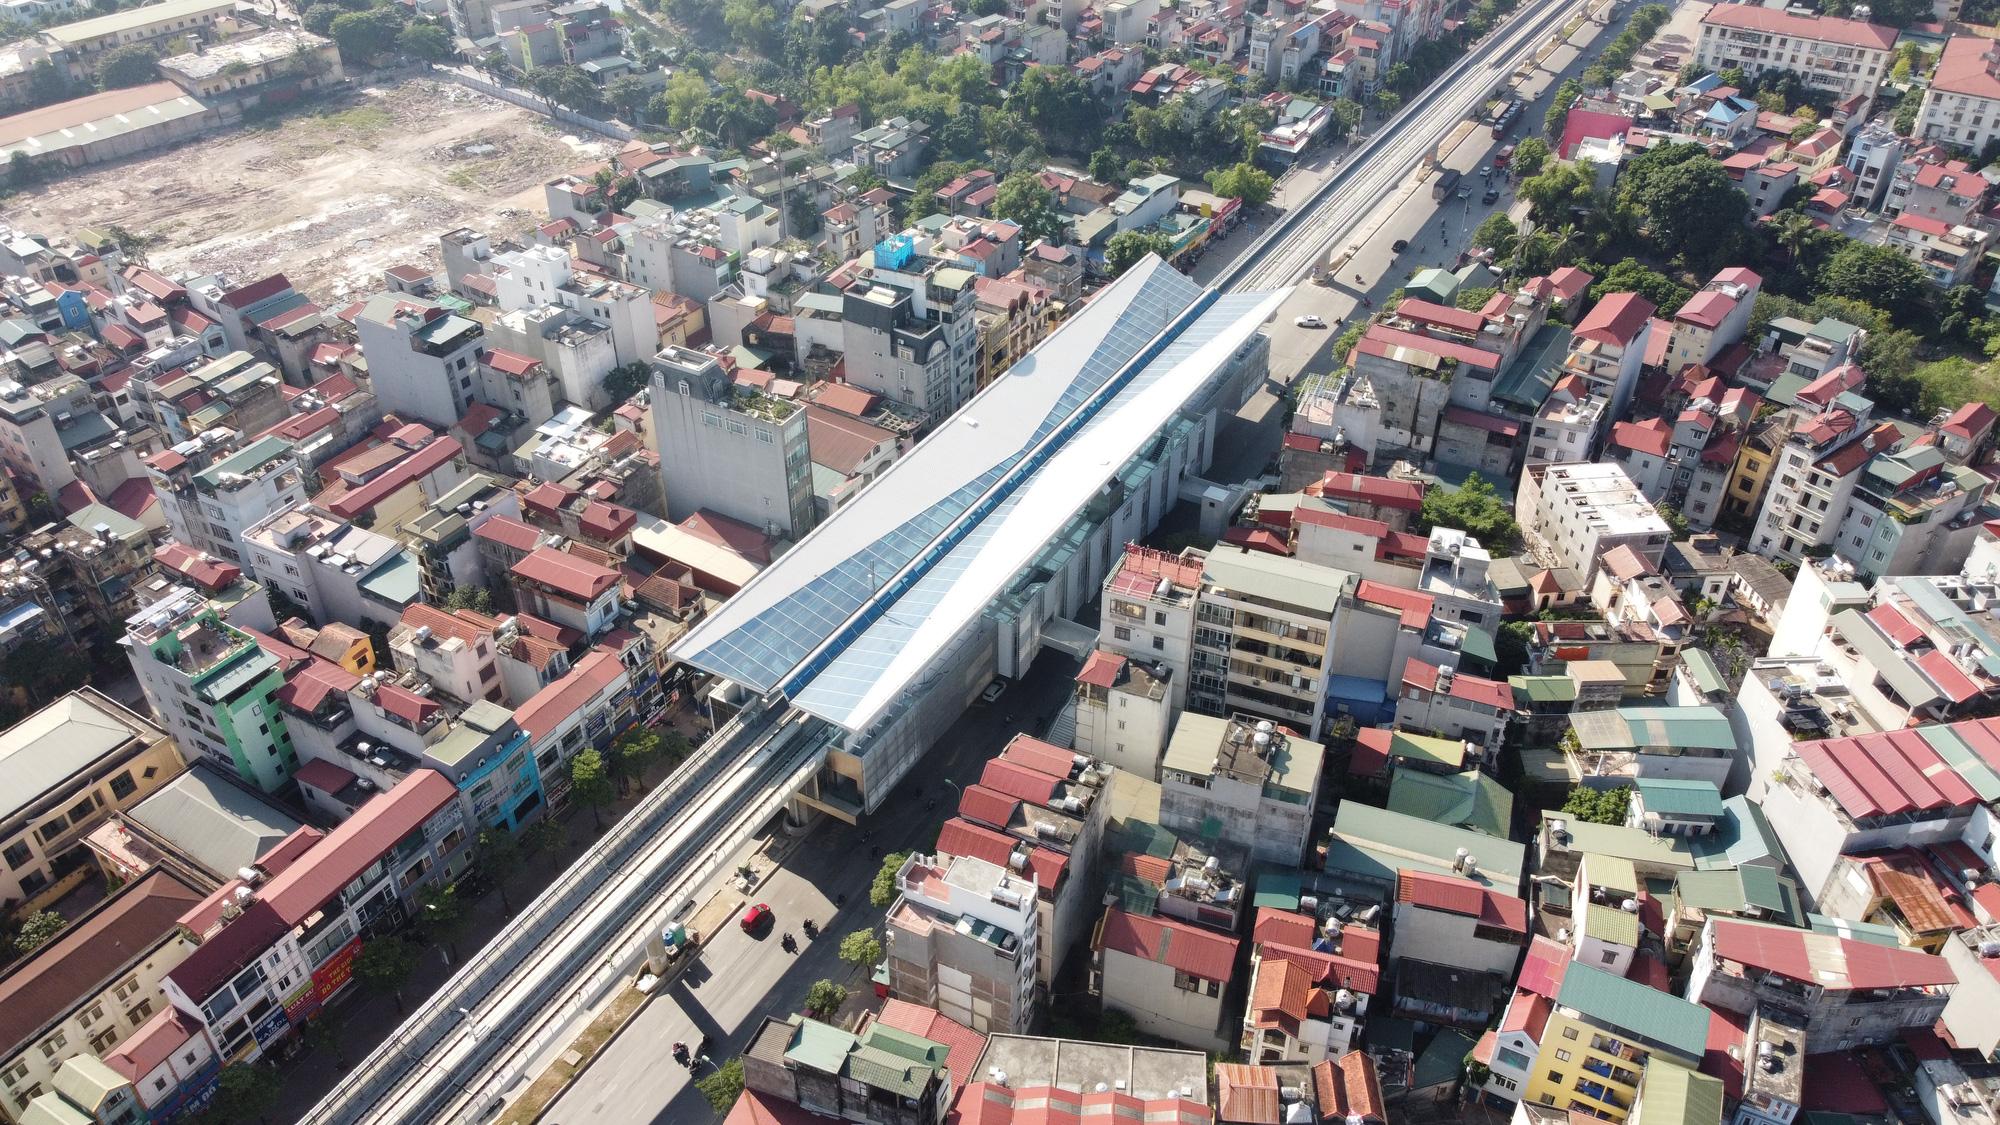 Thúc tiến độ tuyến đường sắt đô thị đoạn Nhổn - ga Hà Nội - Ảnh 1.